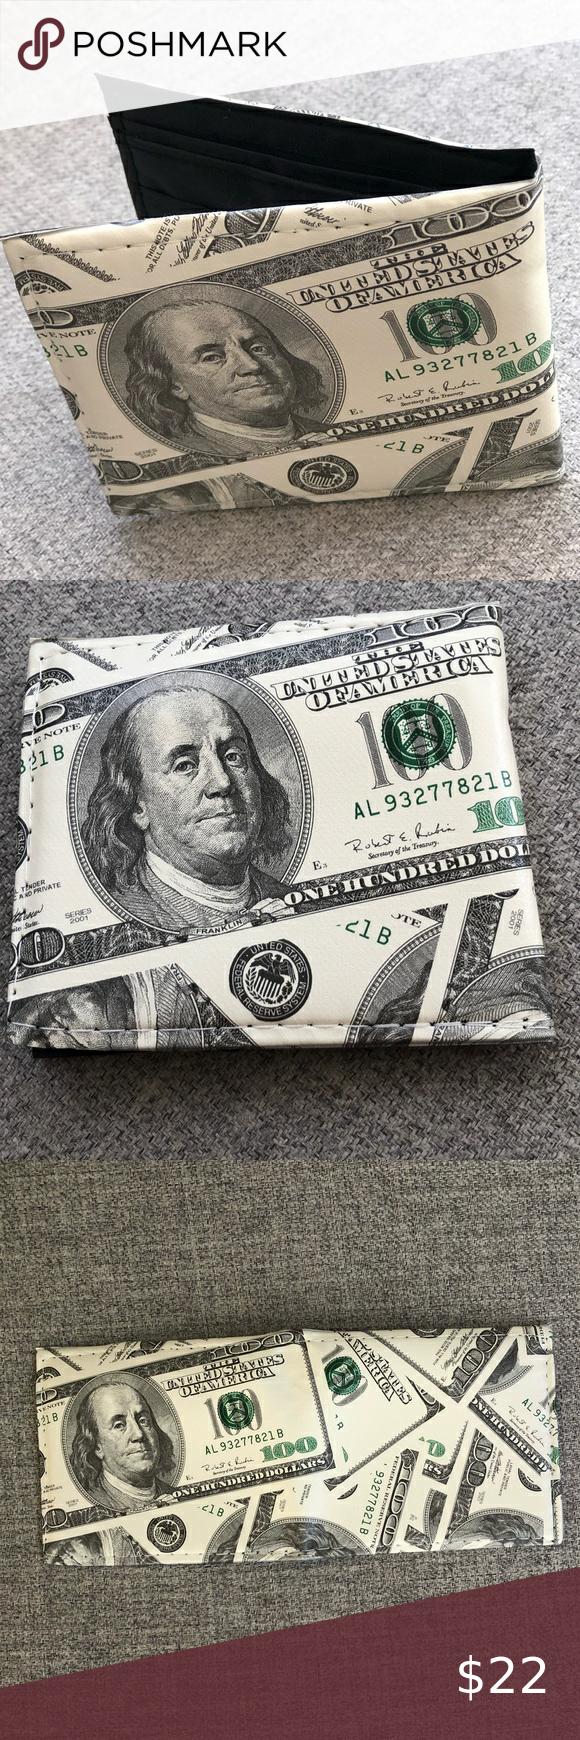 Wallet Hundred Dollar Bill Design Lightweight Wallet Tommy Hilfiger Wallet Brown Leather Wallet